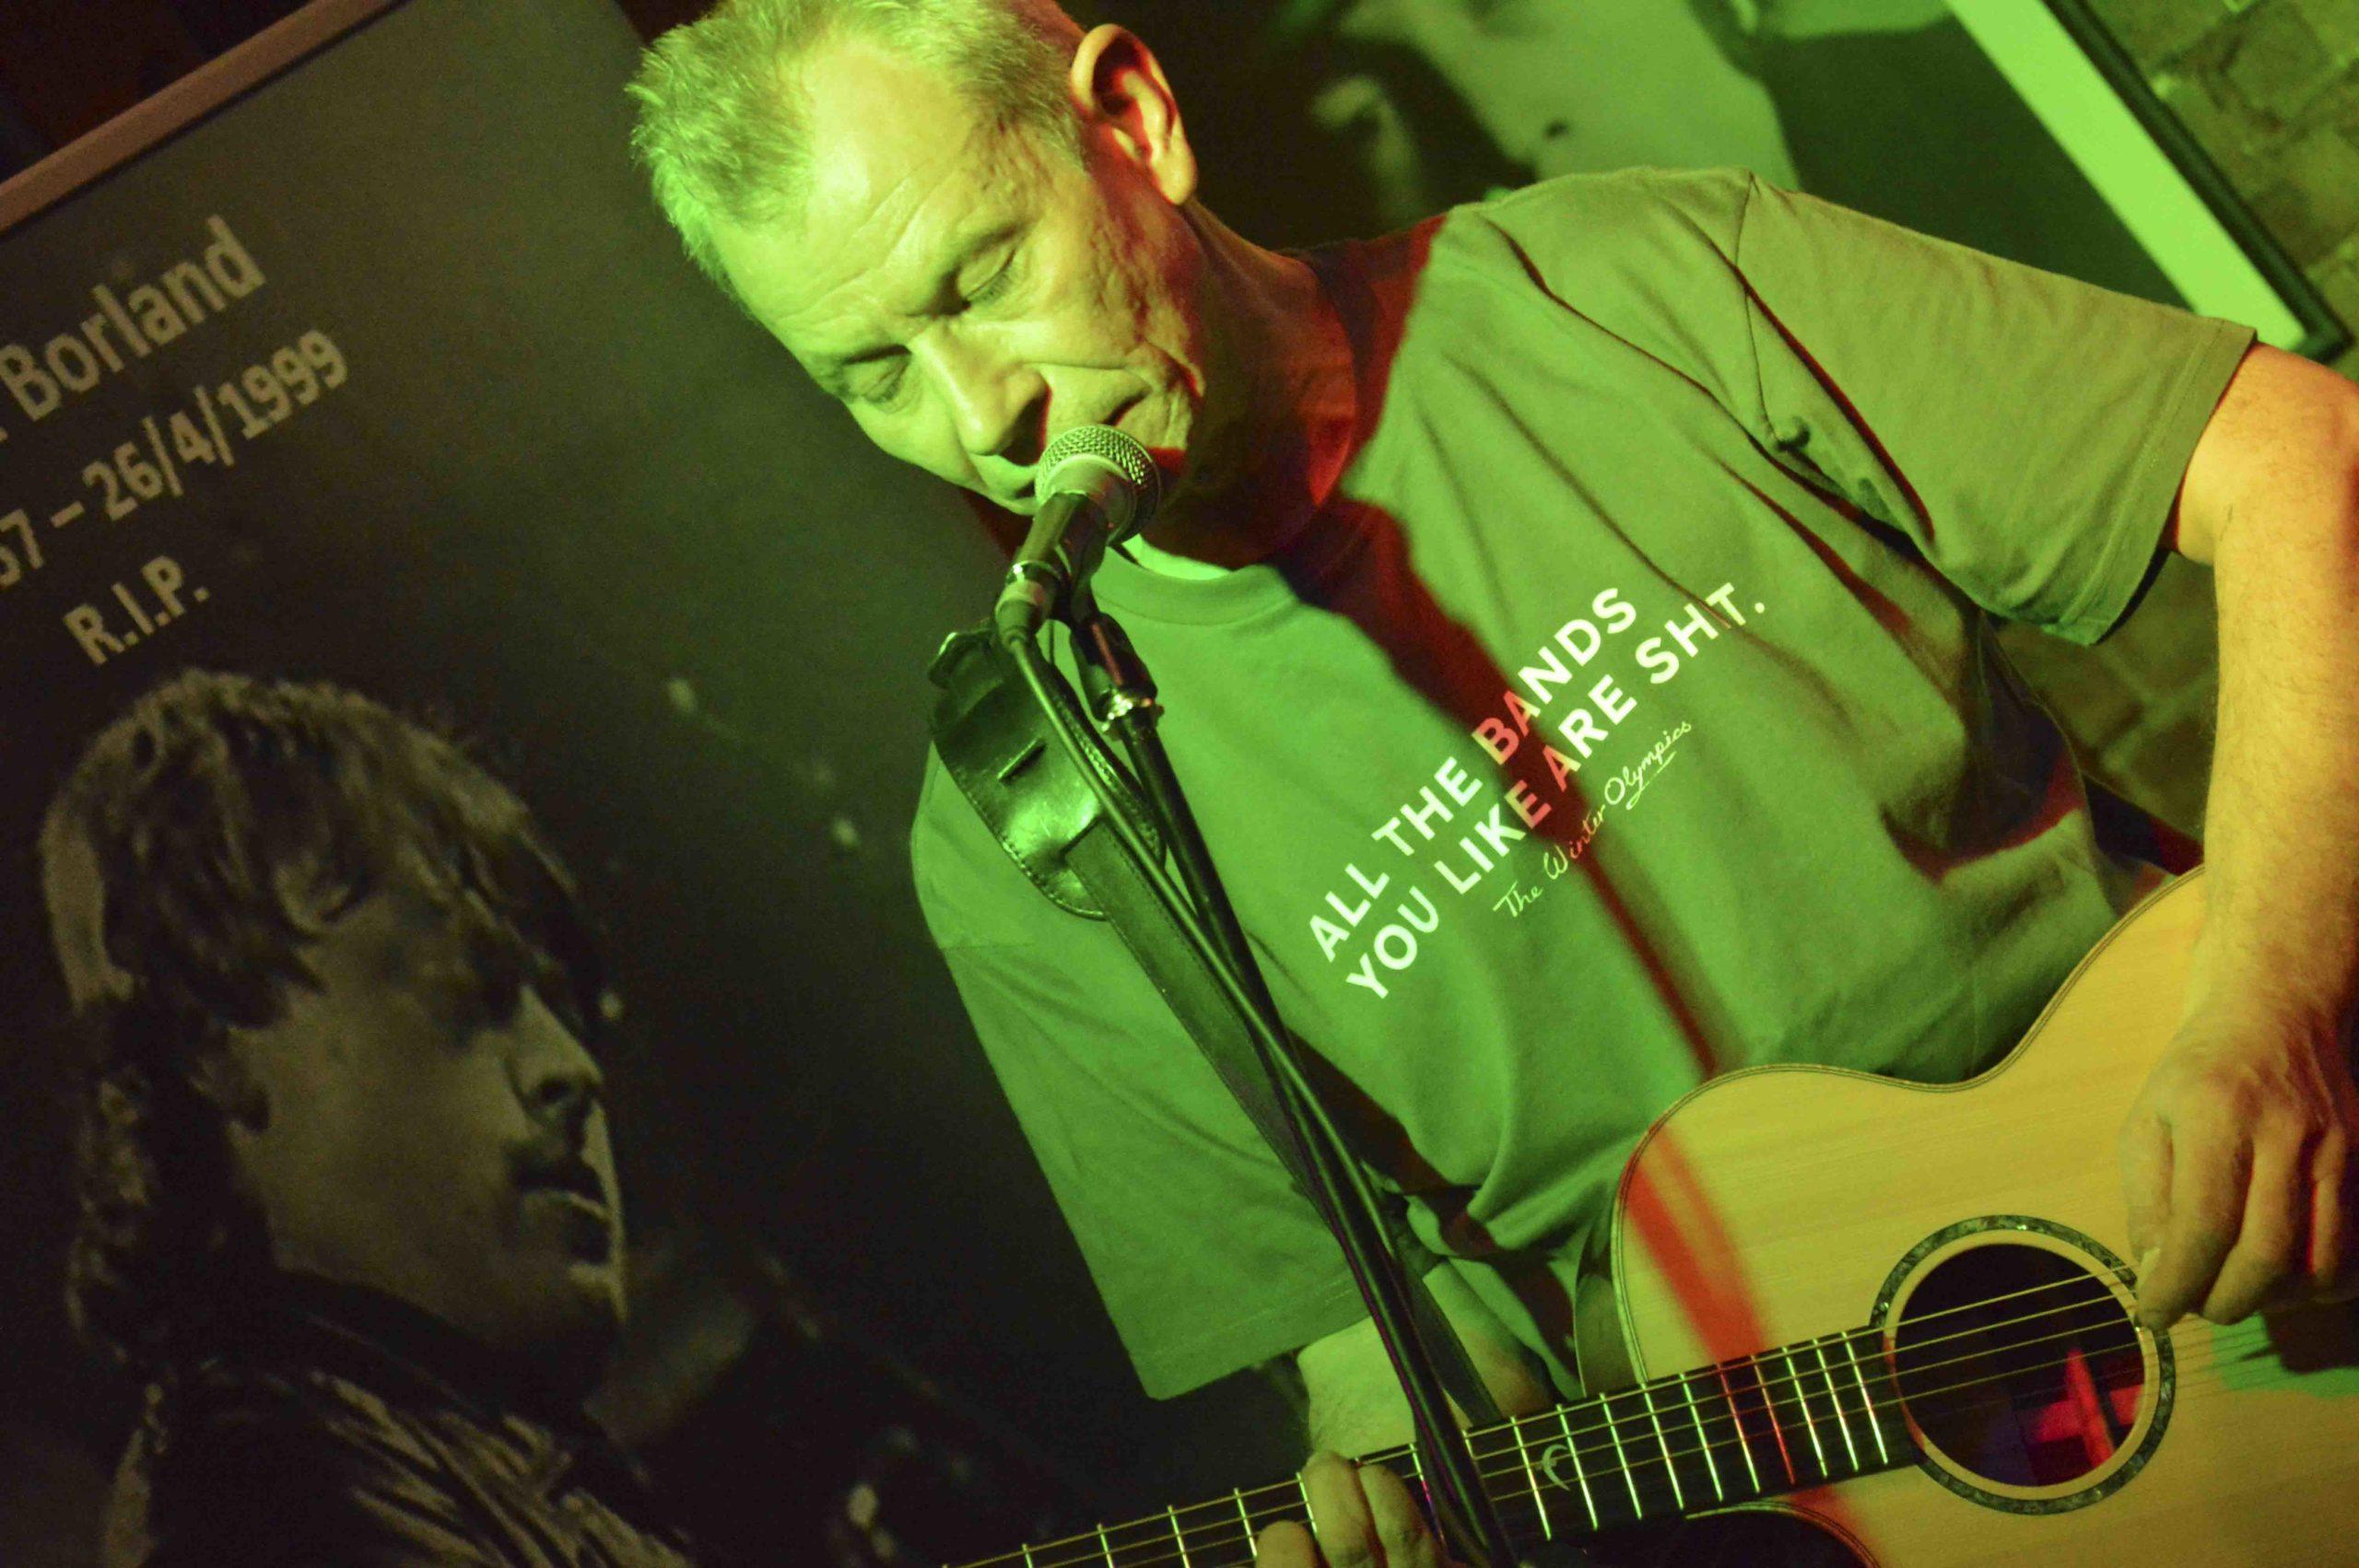 Adrian Borland Tribute, Cronaca di un giorno perfetto (26.04.2019, London)